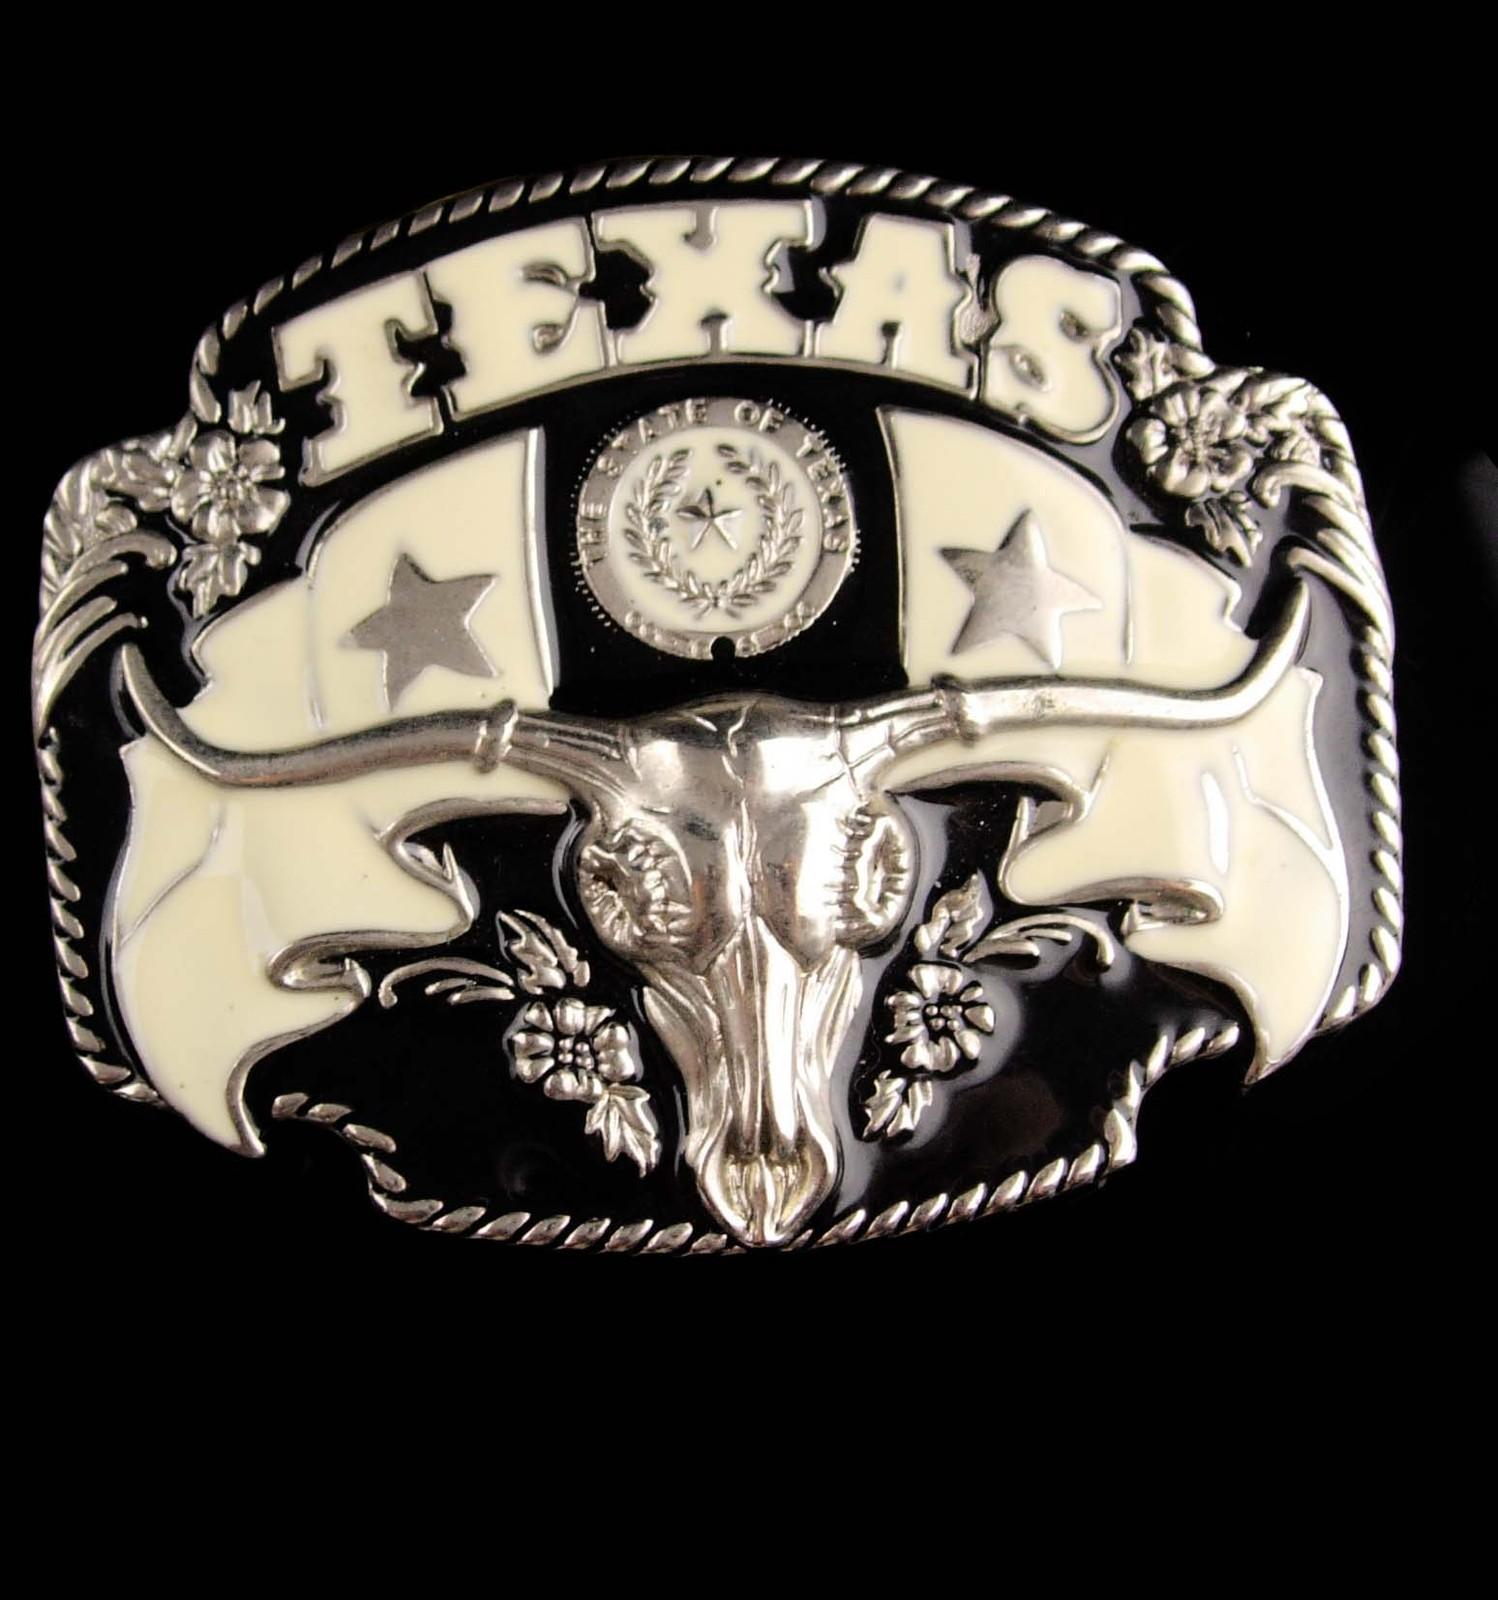 Texasbuckle1